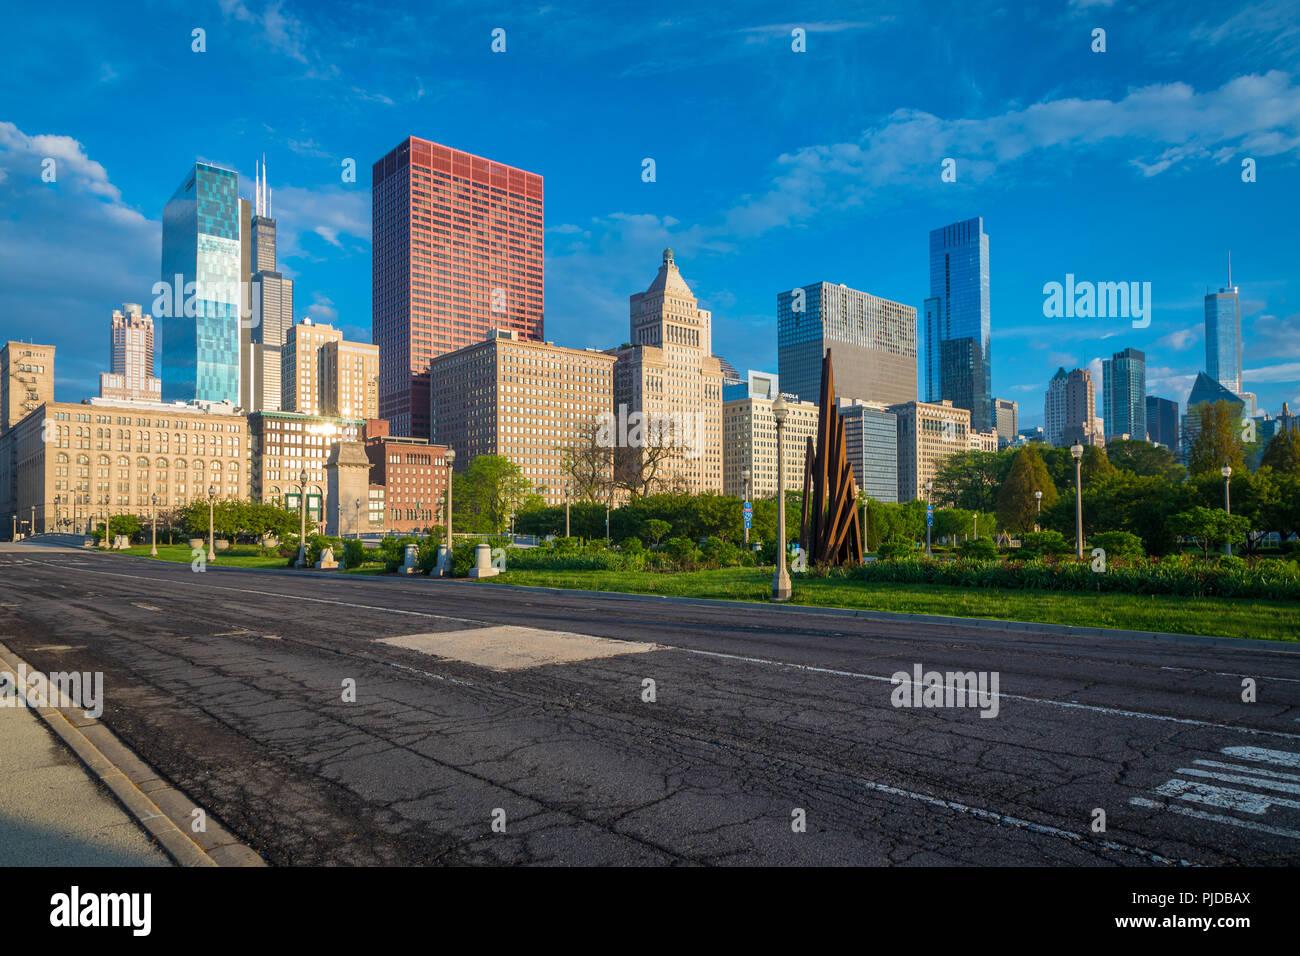 Chicago, eine Stadt im US-Bundesstaat Illinois, ist die bevölkerungsreichste Stadt der Vereinigten Staaten. Stockbild